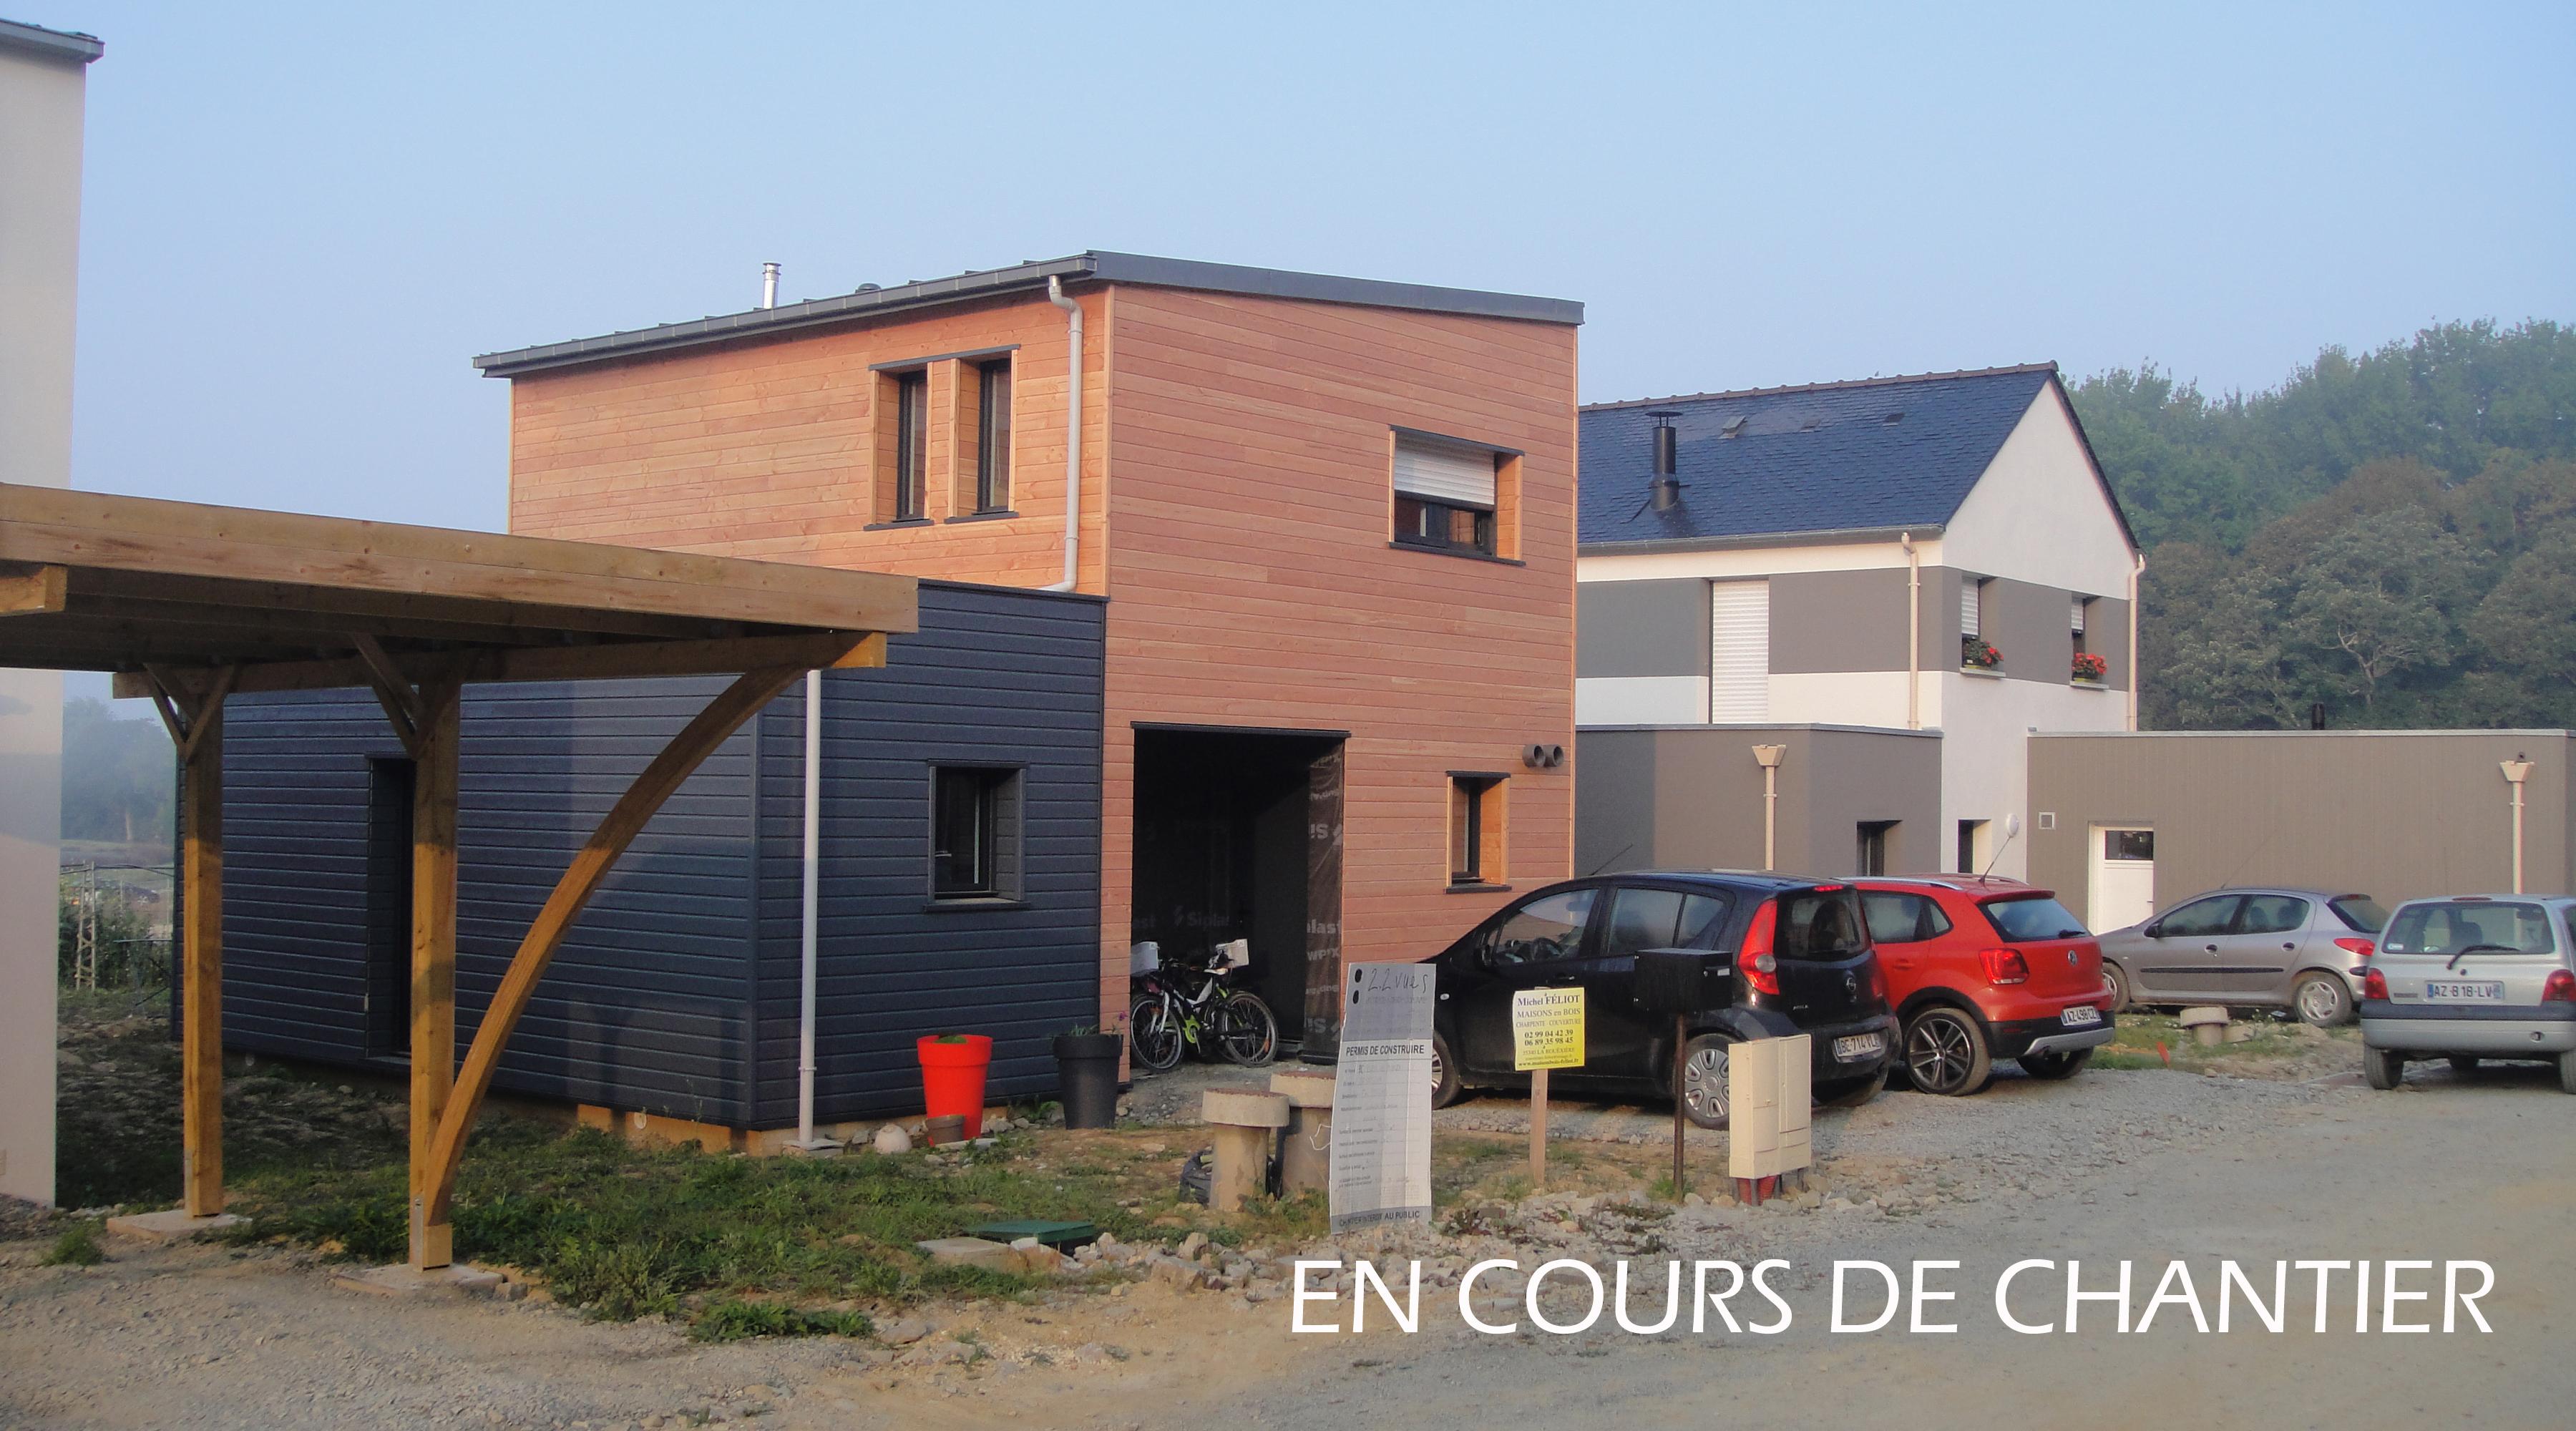 Maison bois 1 2 vue architecte lise roturier rennes 35000 for Architecte maison bois